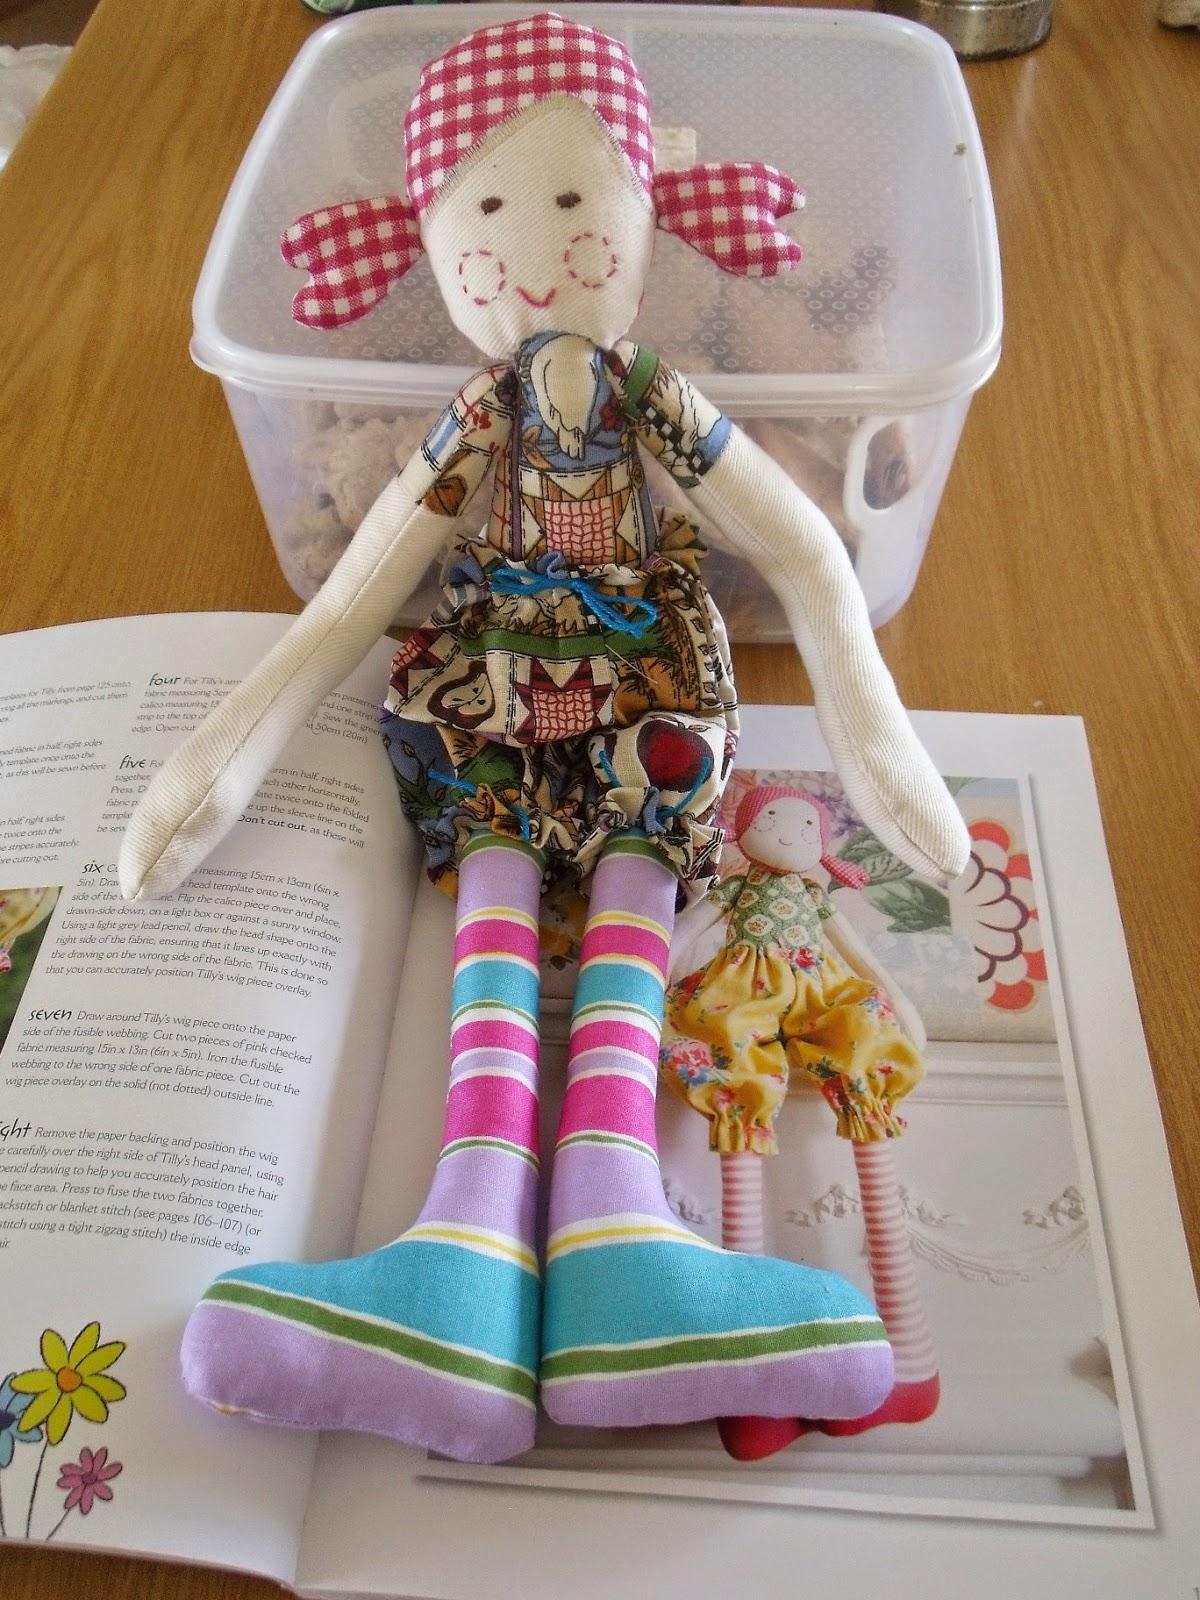 sewn toy tales melanie hurlston